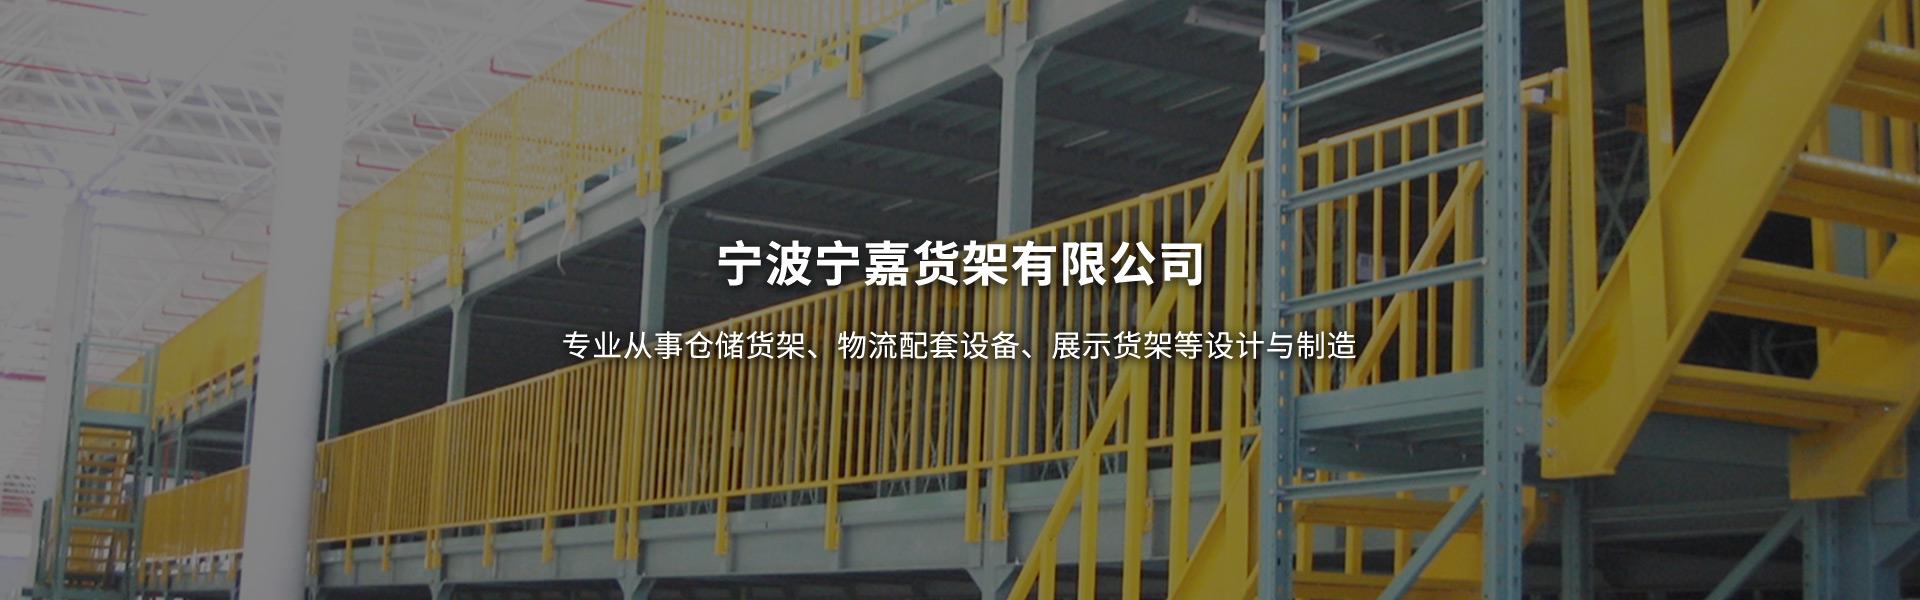 宁波货架厂家